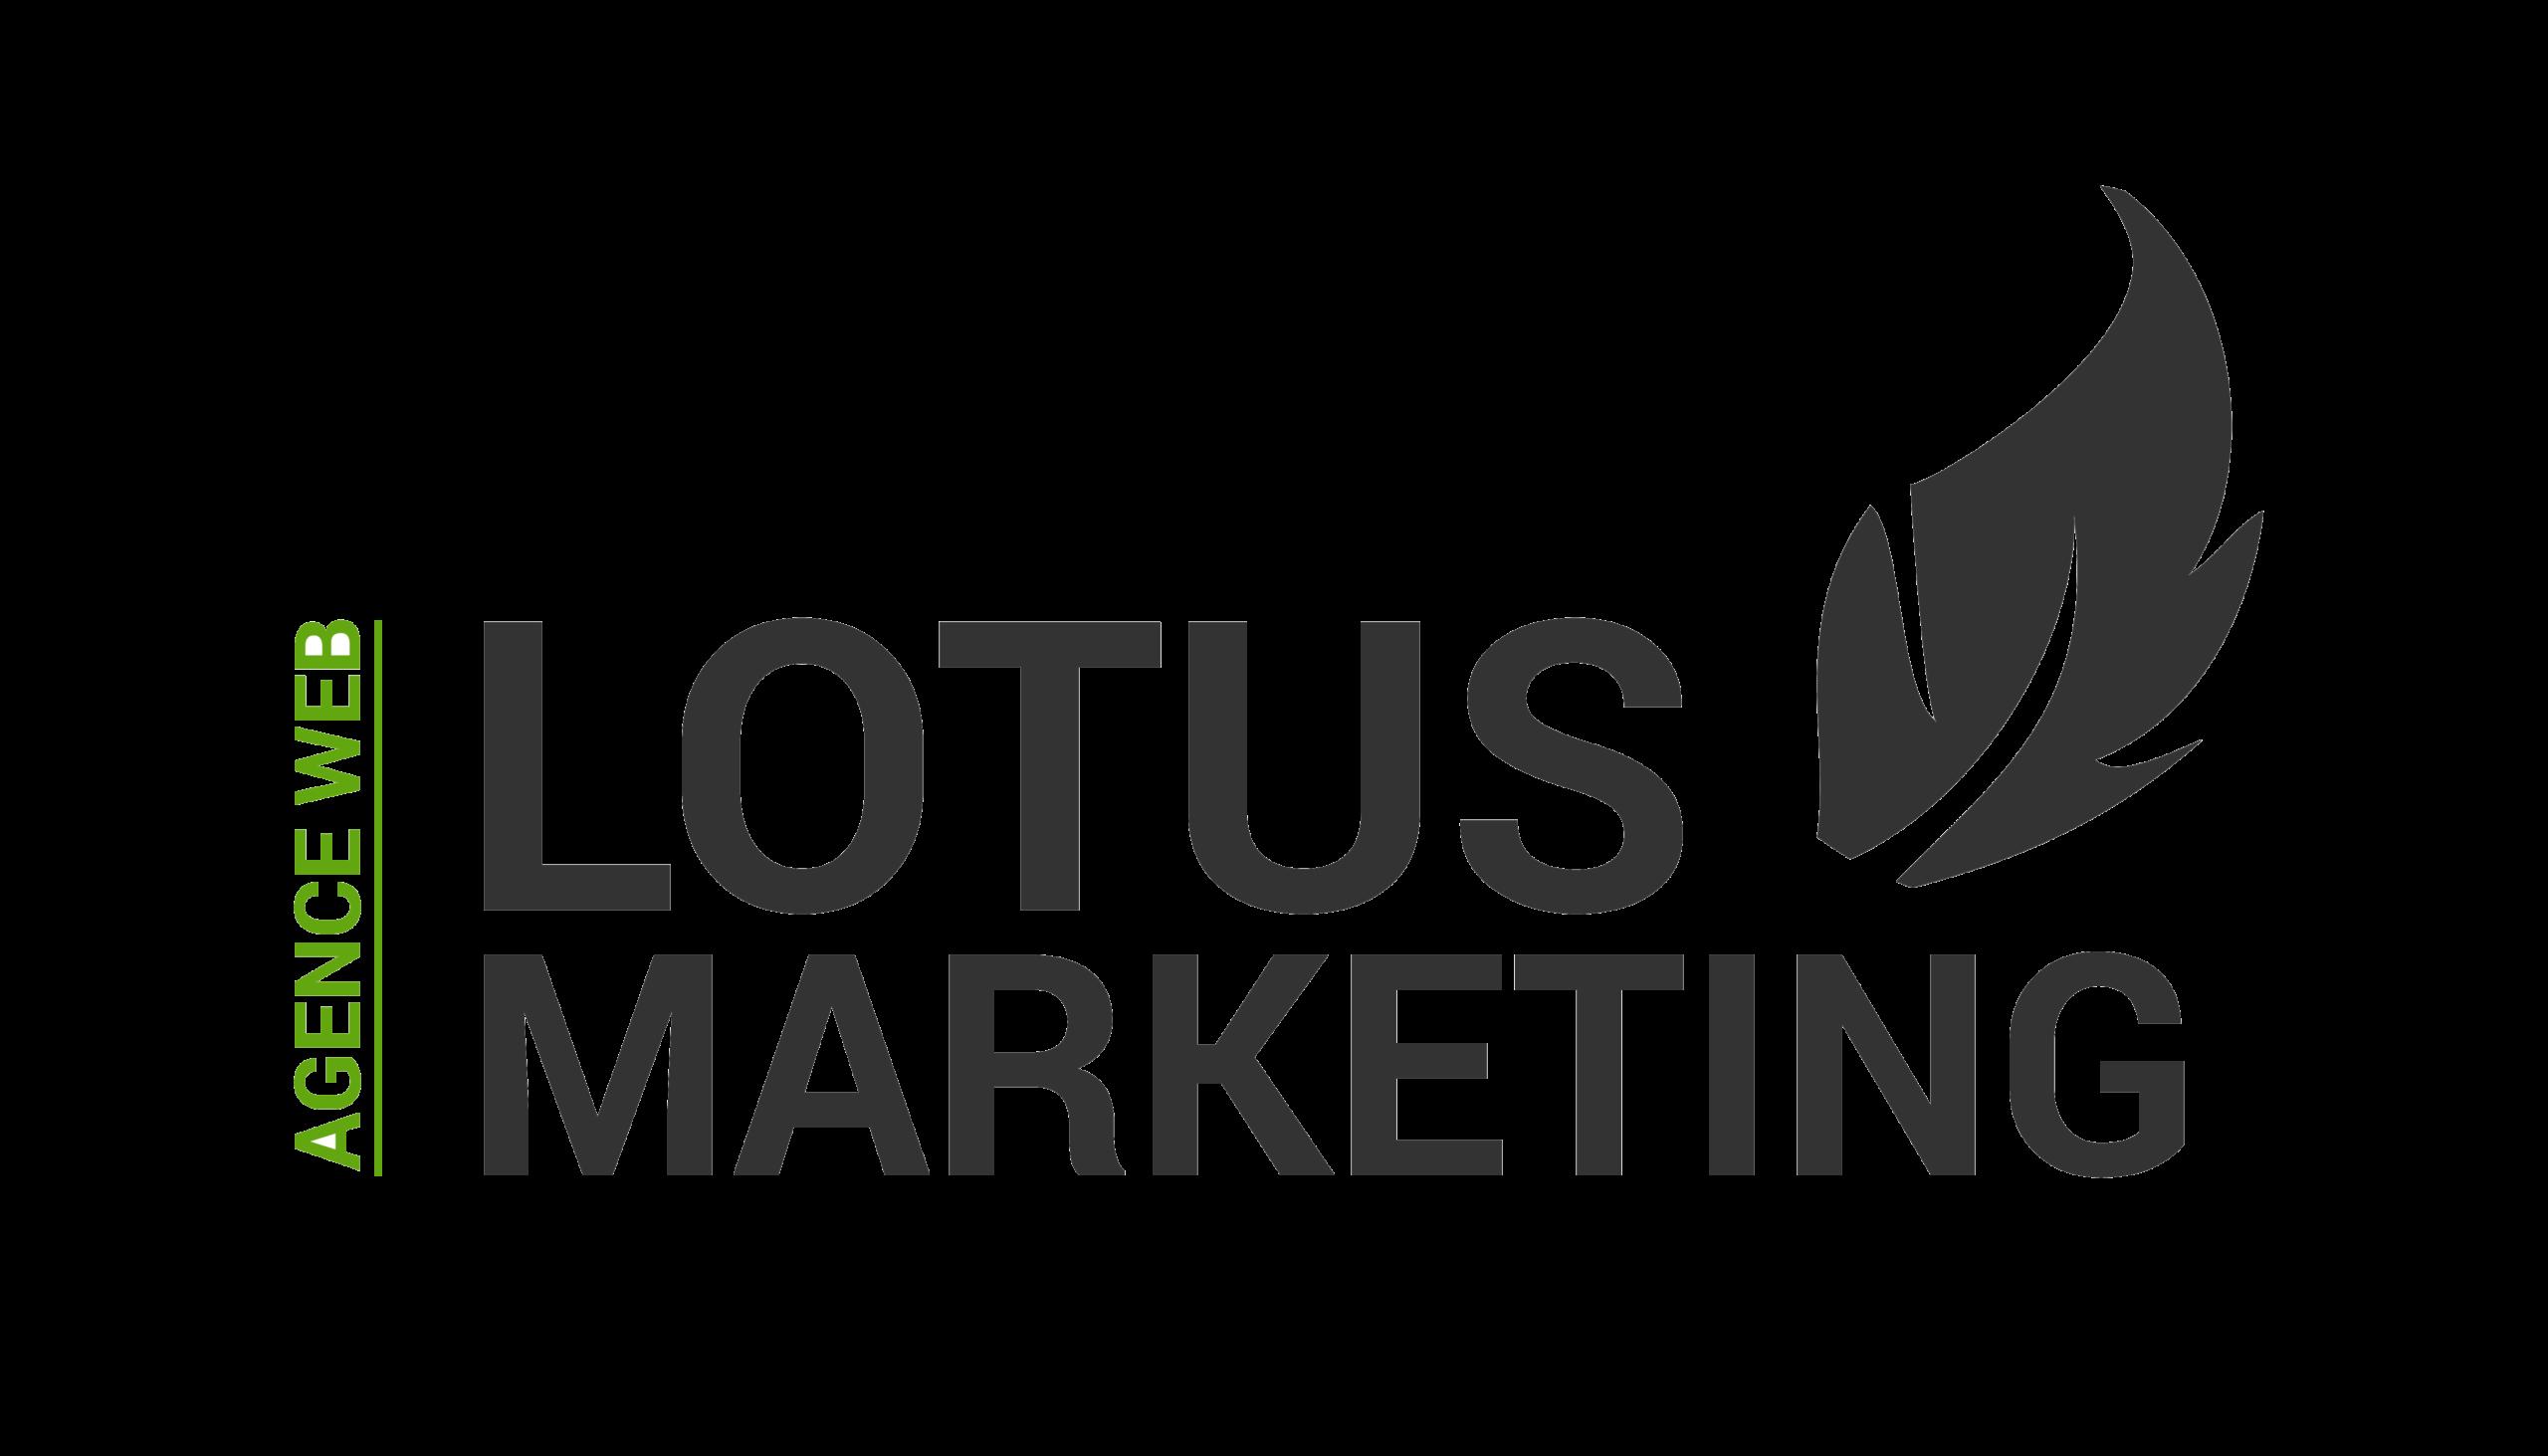 logo-2017 - Lotus Marketing